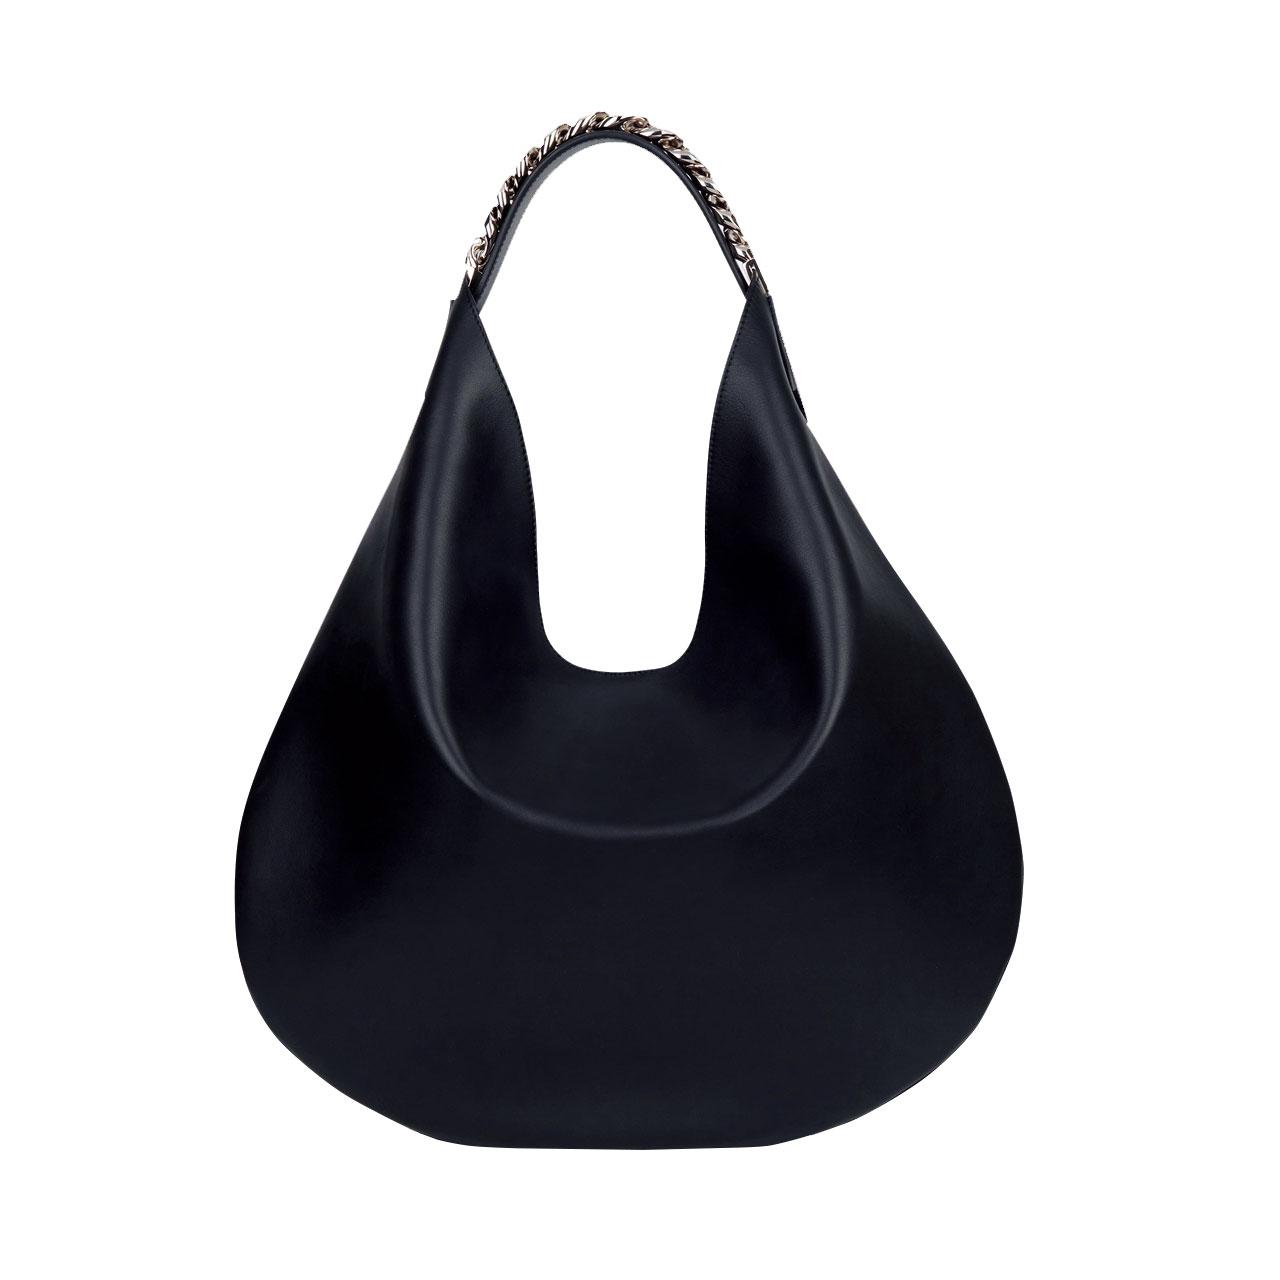 체인이 스트랩에 장식된 호보 백은 가격 미정으로 Givenchy by Riccardo Tisci